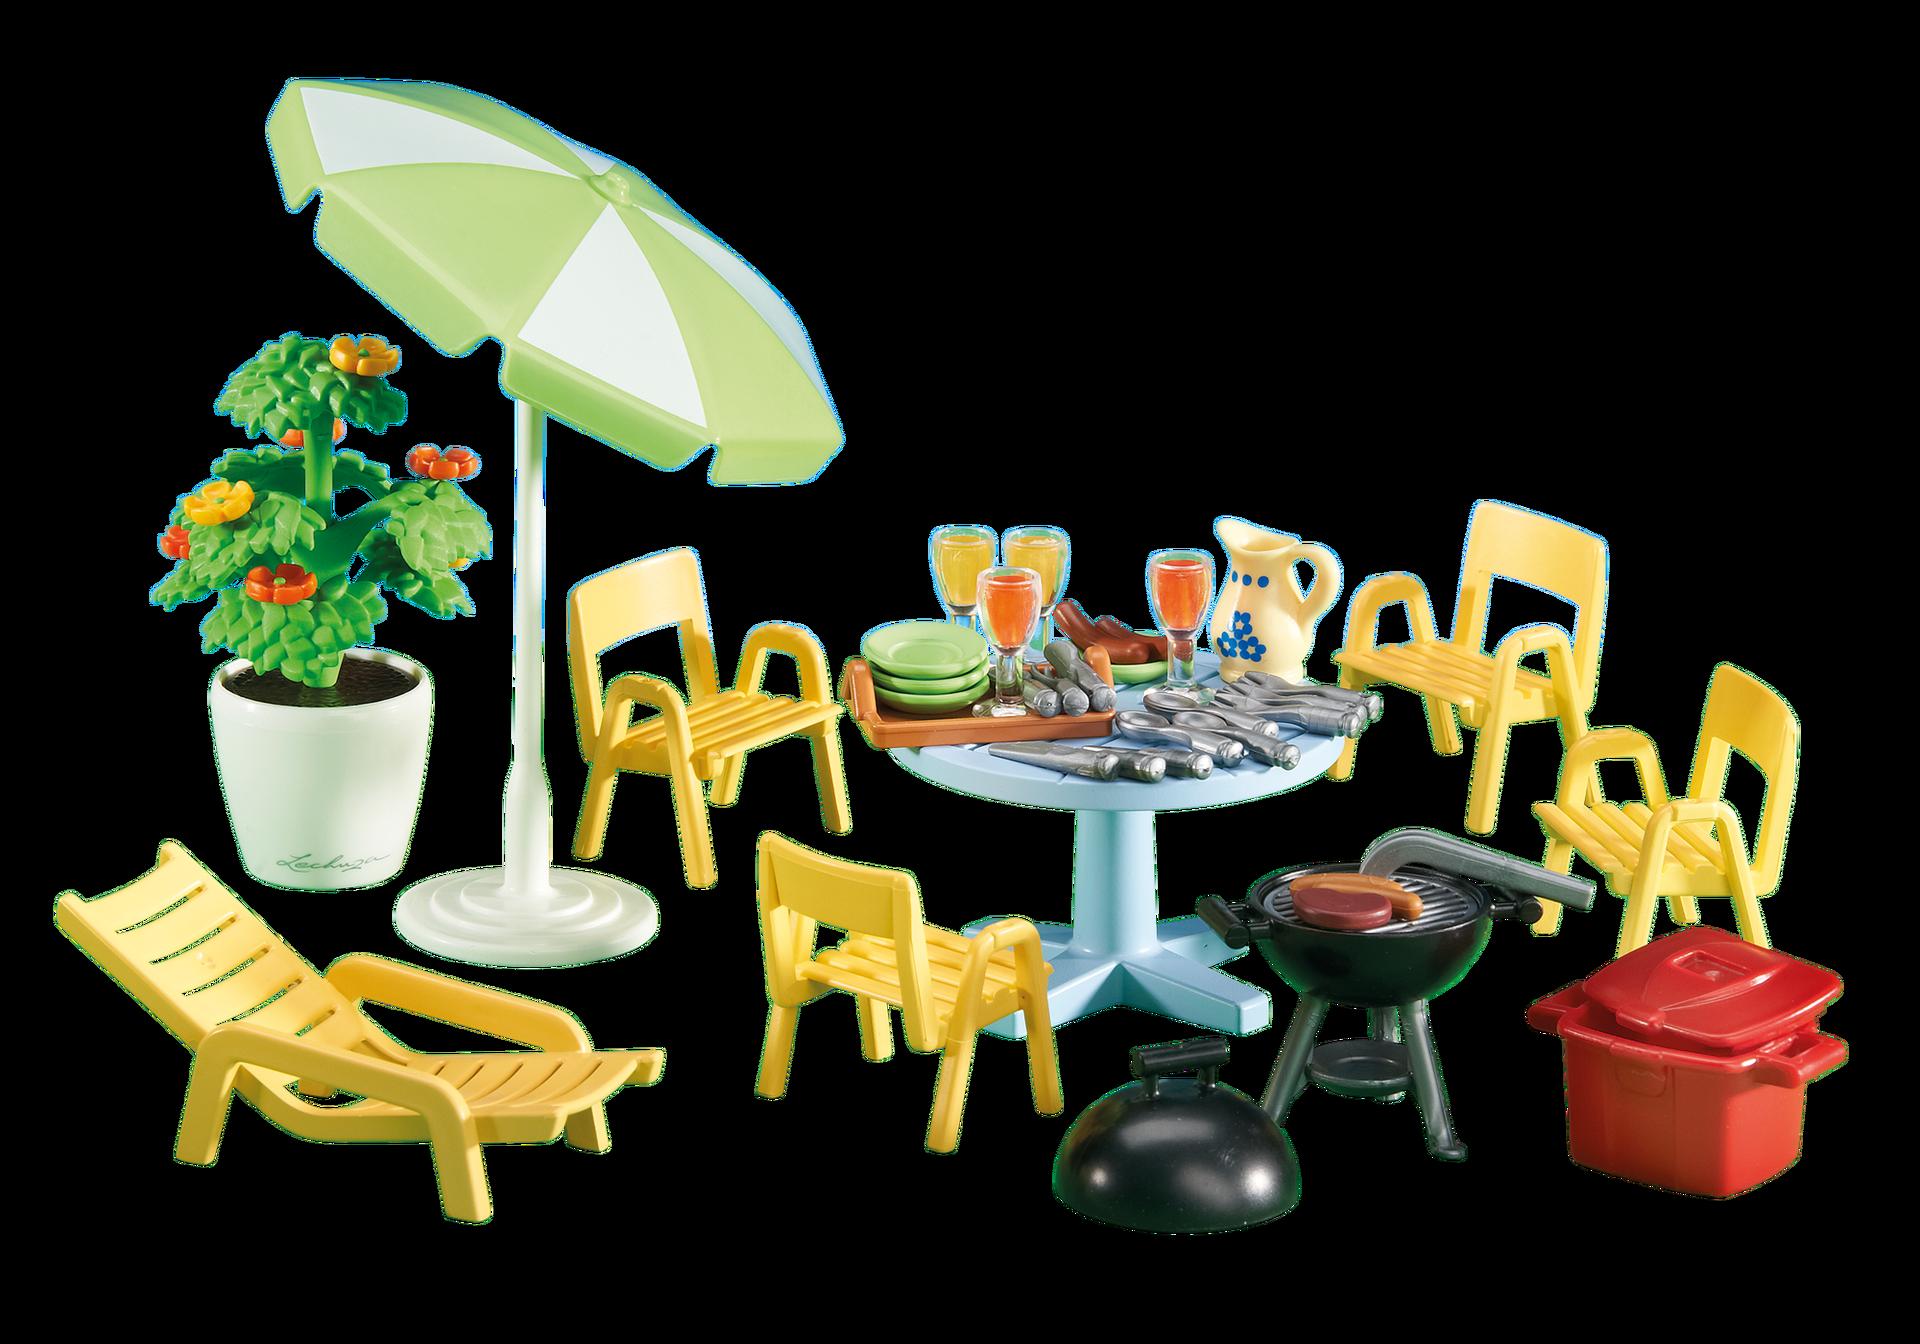 Mobiliario y accesorios de jard n 6451 playmobil espa a for Accesorios jardin